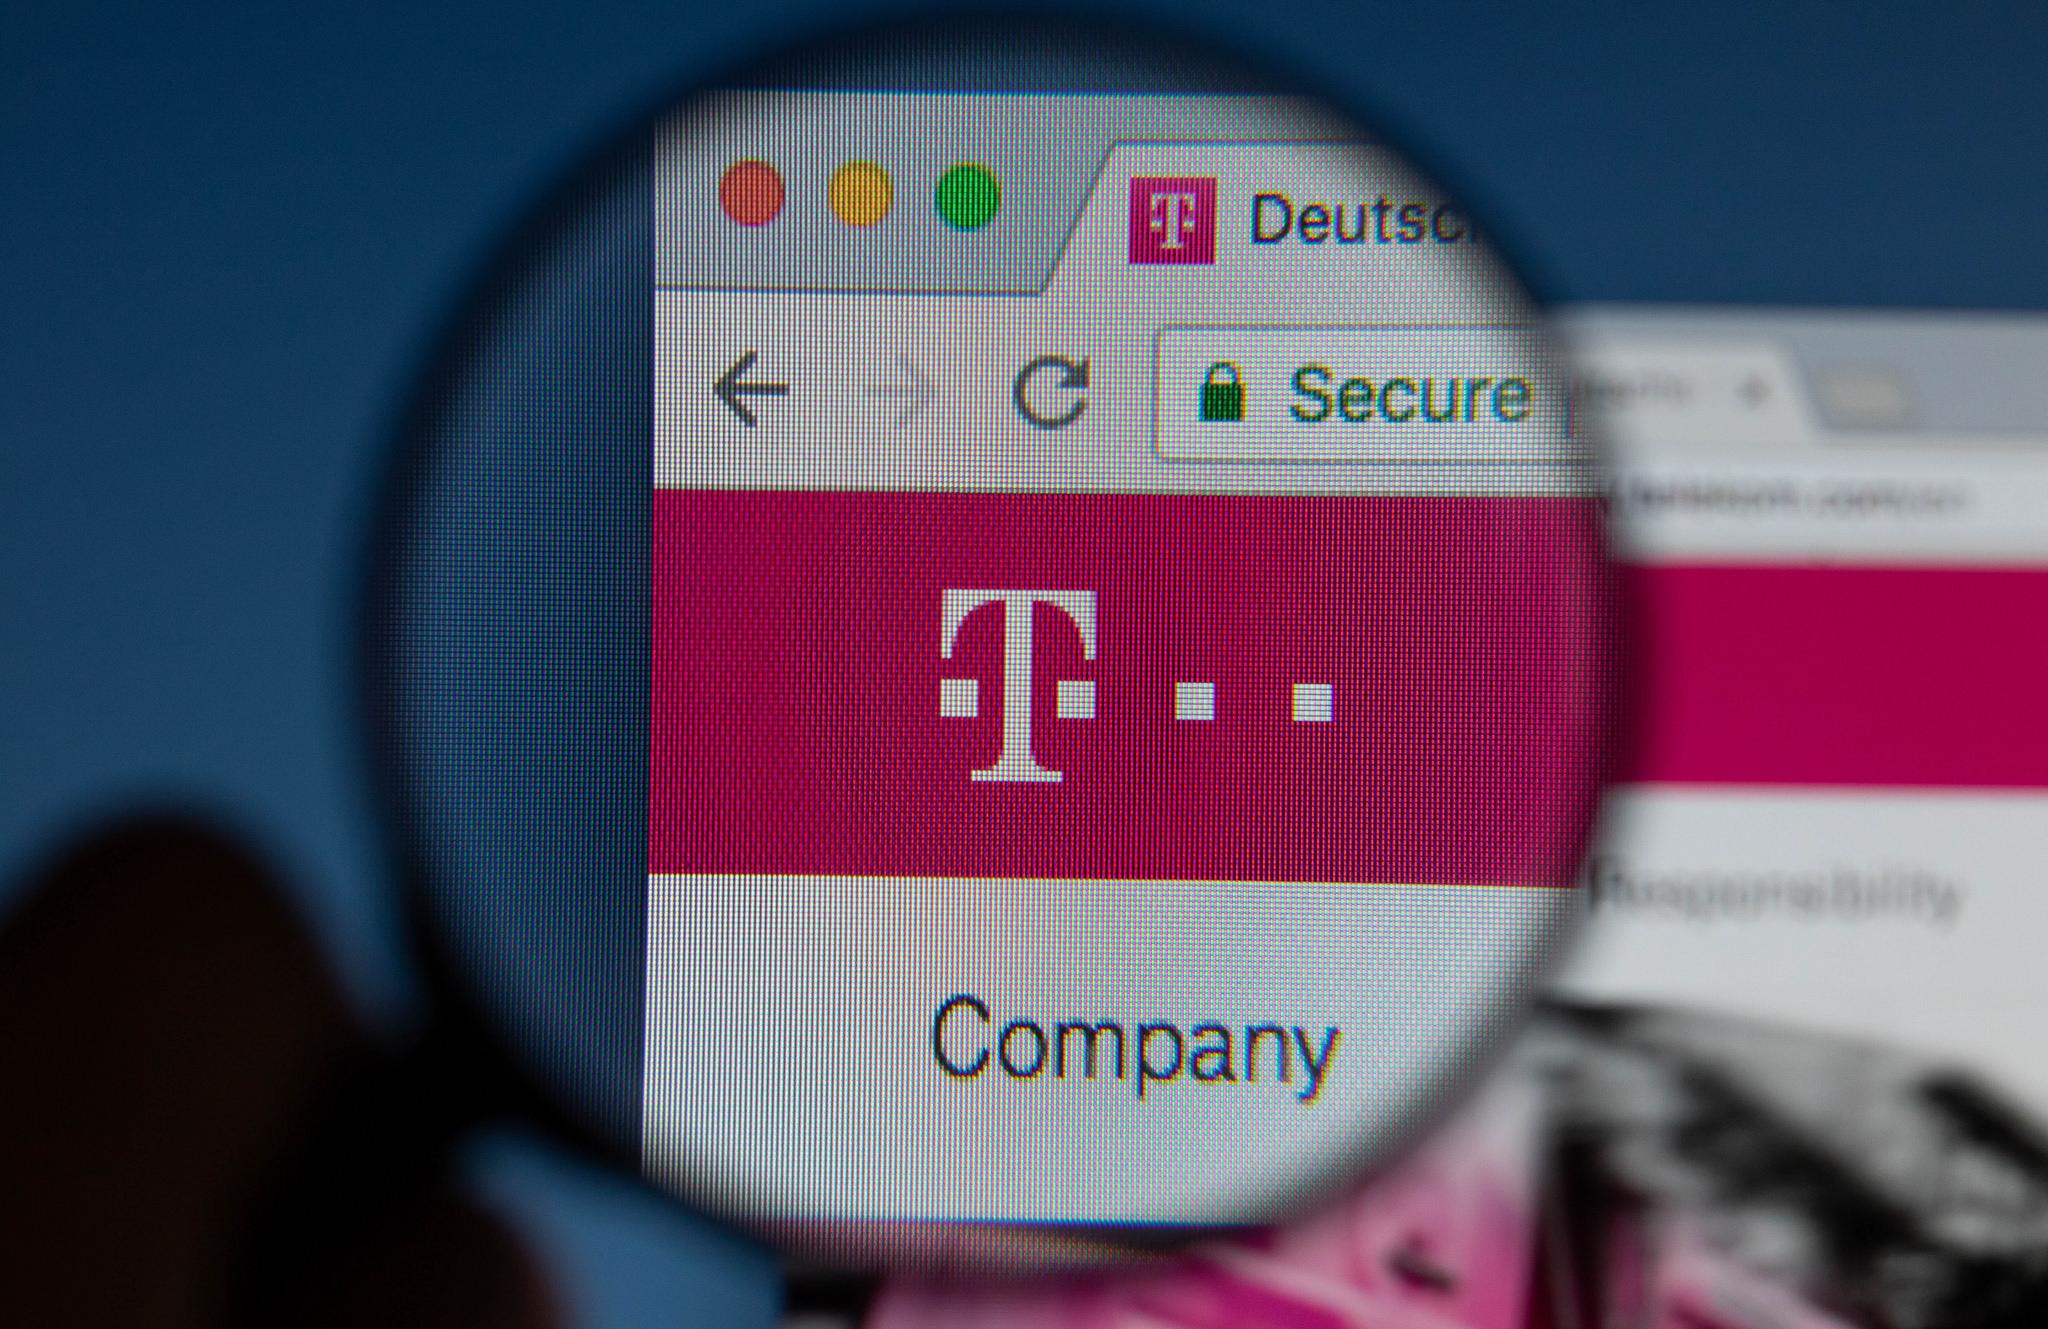 Čínu nebrat. Majitel českého T-Mobile přehodnotí dodavatele kvůli obavám obezpečnost